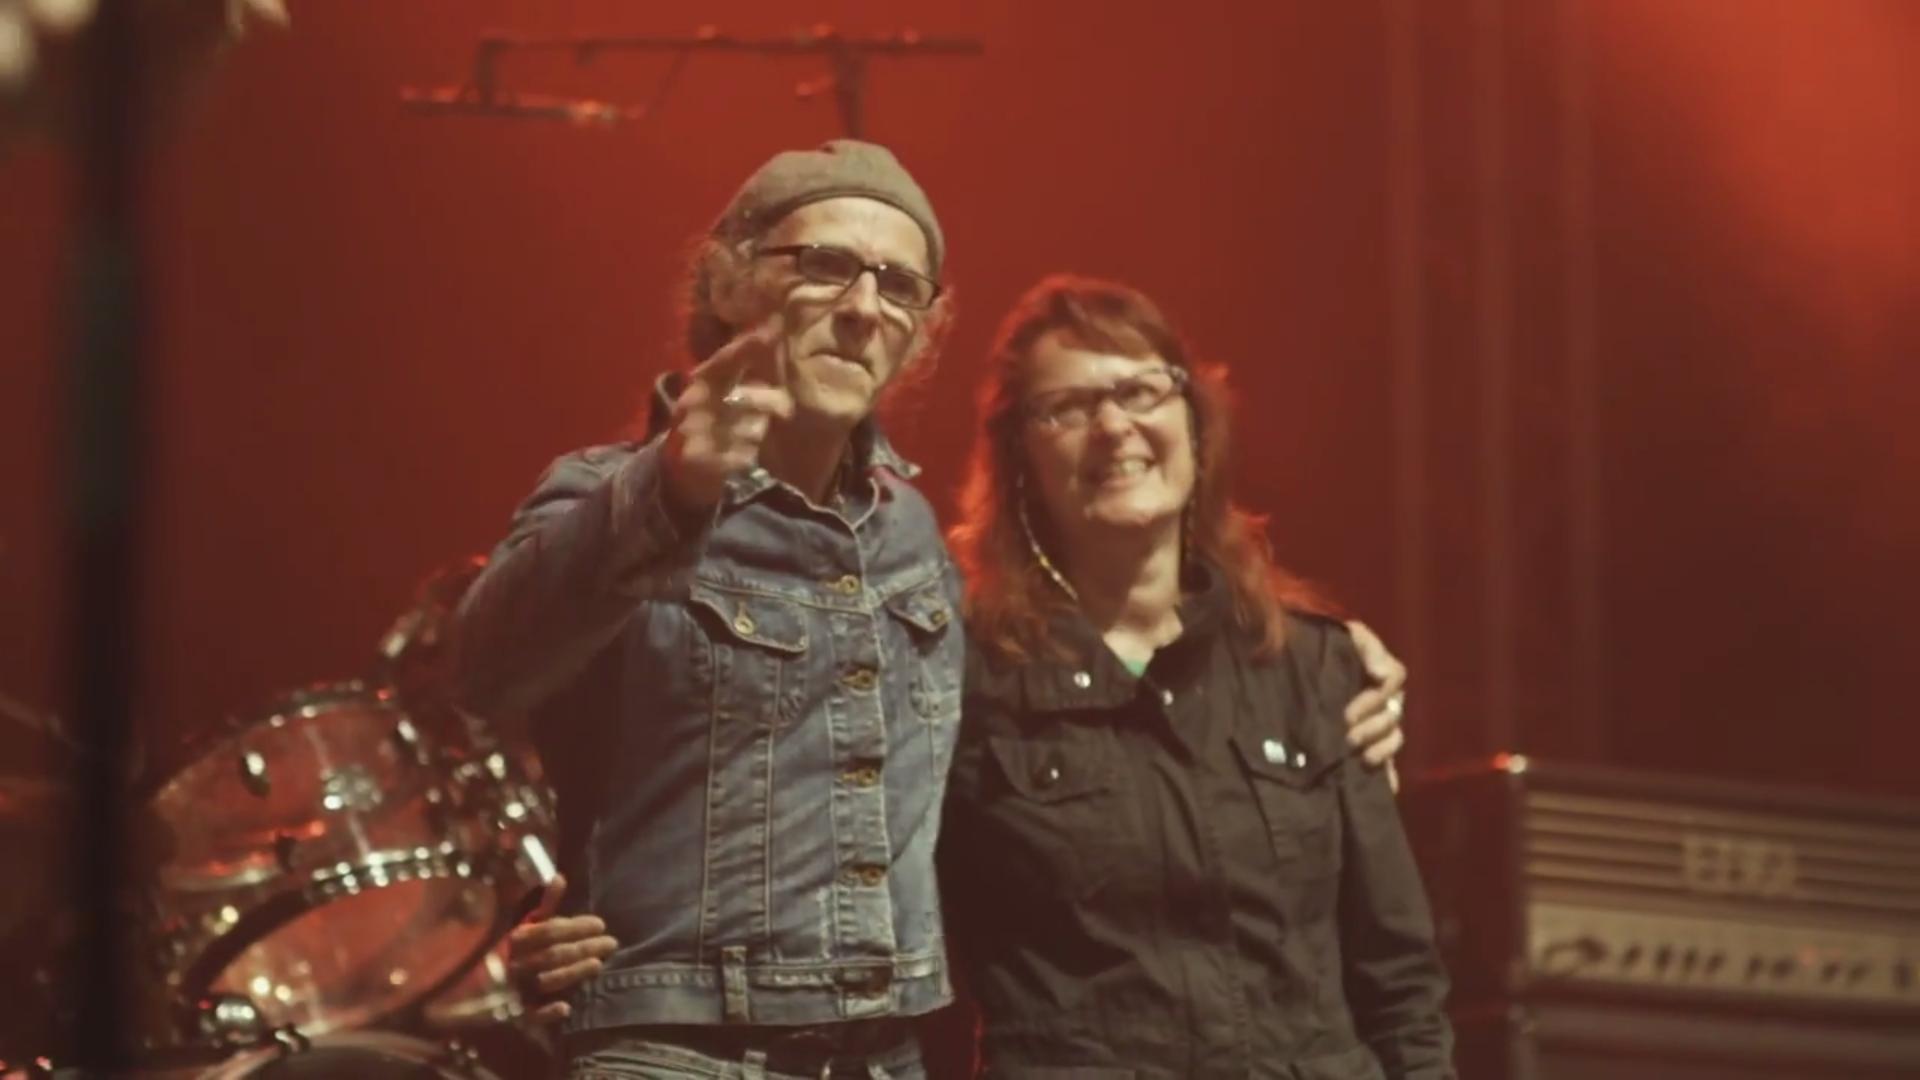 Birgit und Horst Lohmeyer aus Jamel kämpfen gegen Nazis, 2015.